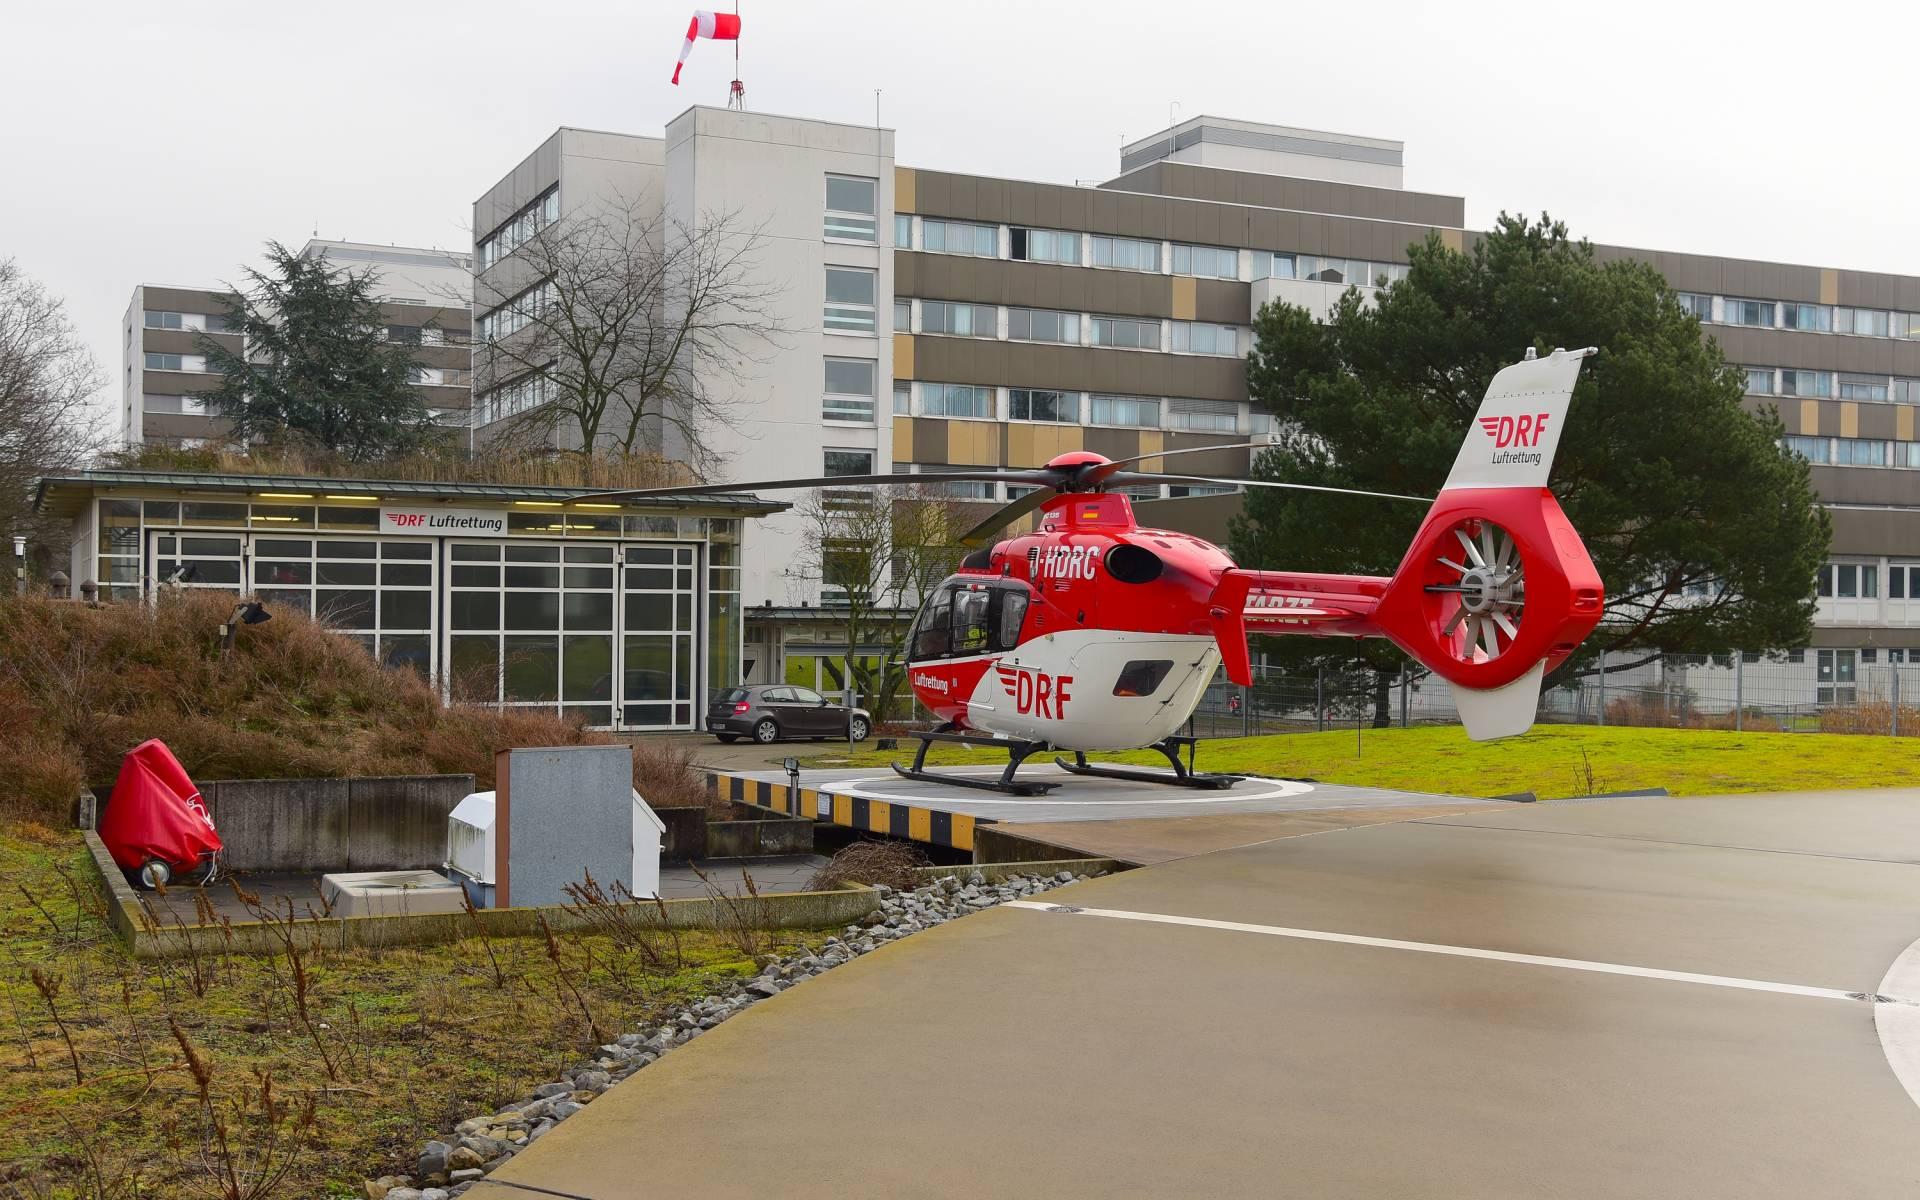 Über 47.500-mal wurde Christoph 43 von dort aus zu lebensrettenden Einsätzen alarmiert. Foto: Ole Meisen